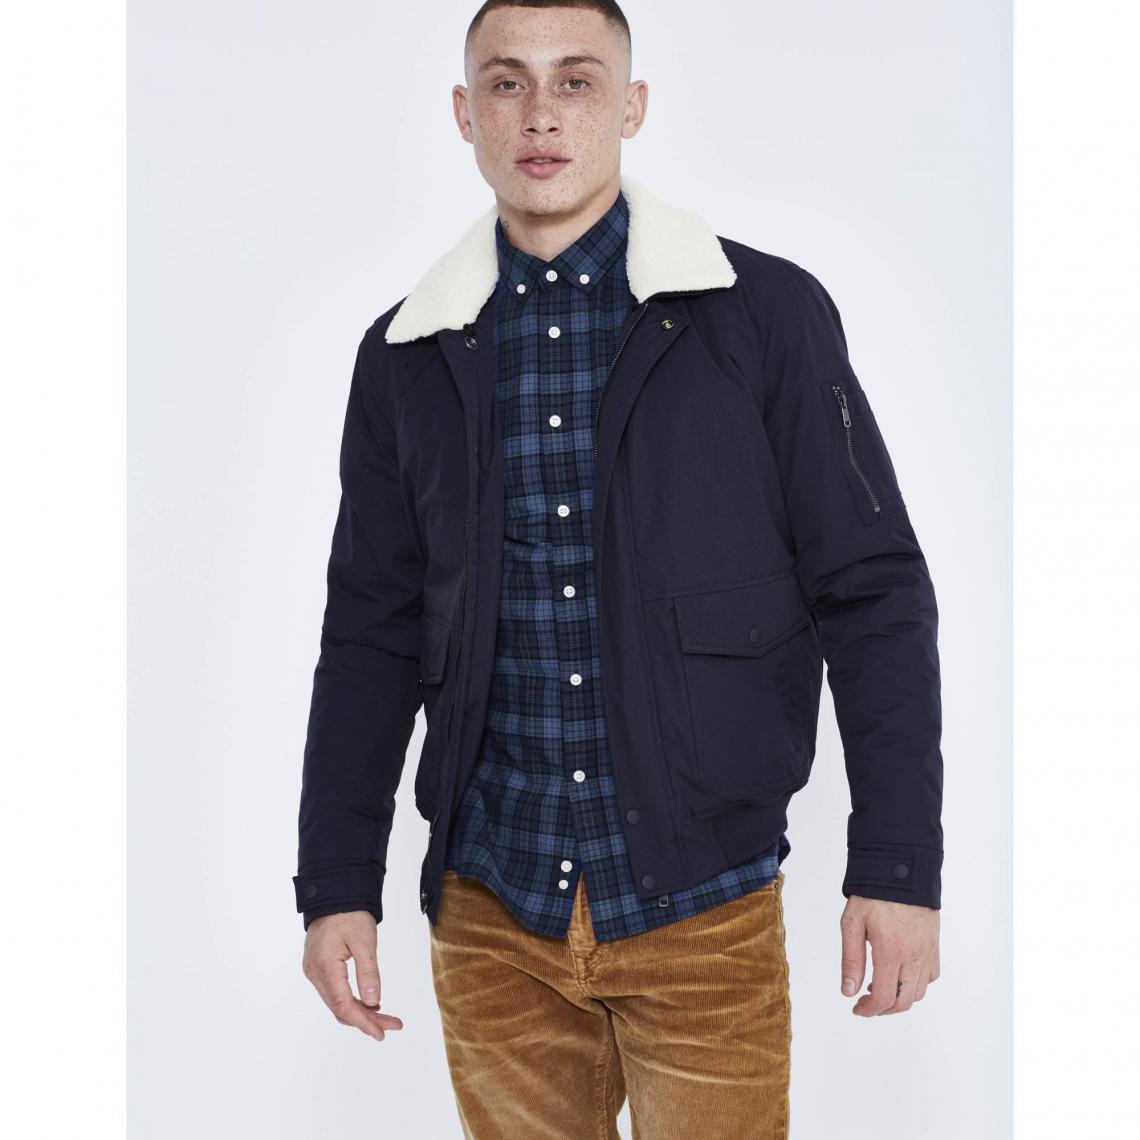 acheter pas cher bonne qualité invaincu x Blouson nylon avec col sherpa homme Celio - Bleu Marine | 3 ...